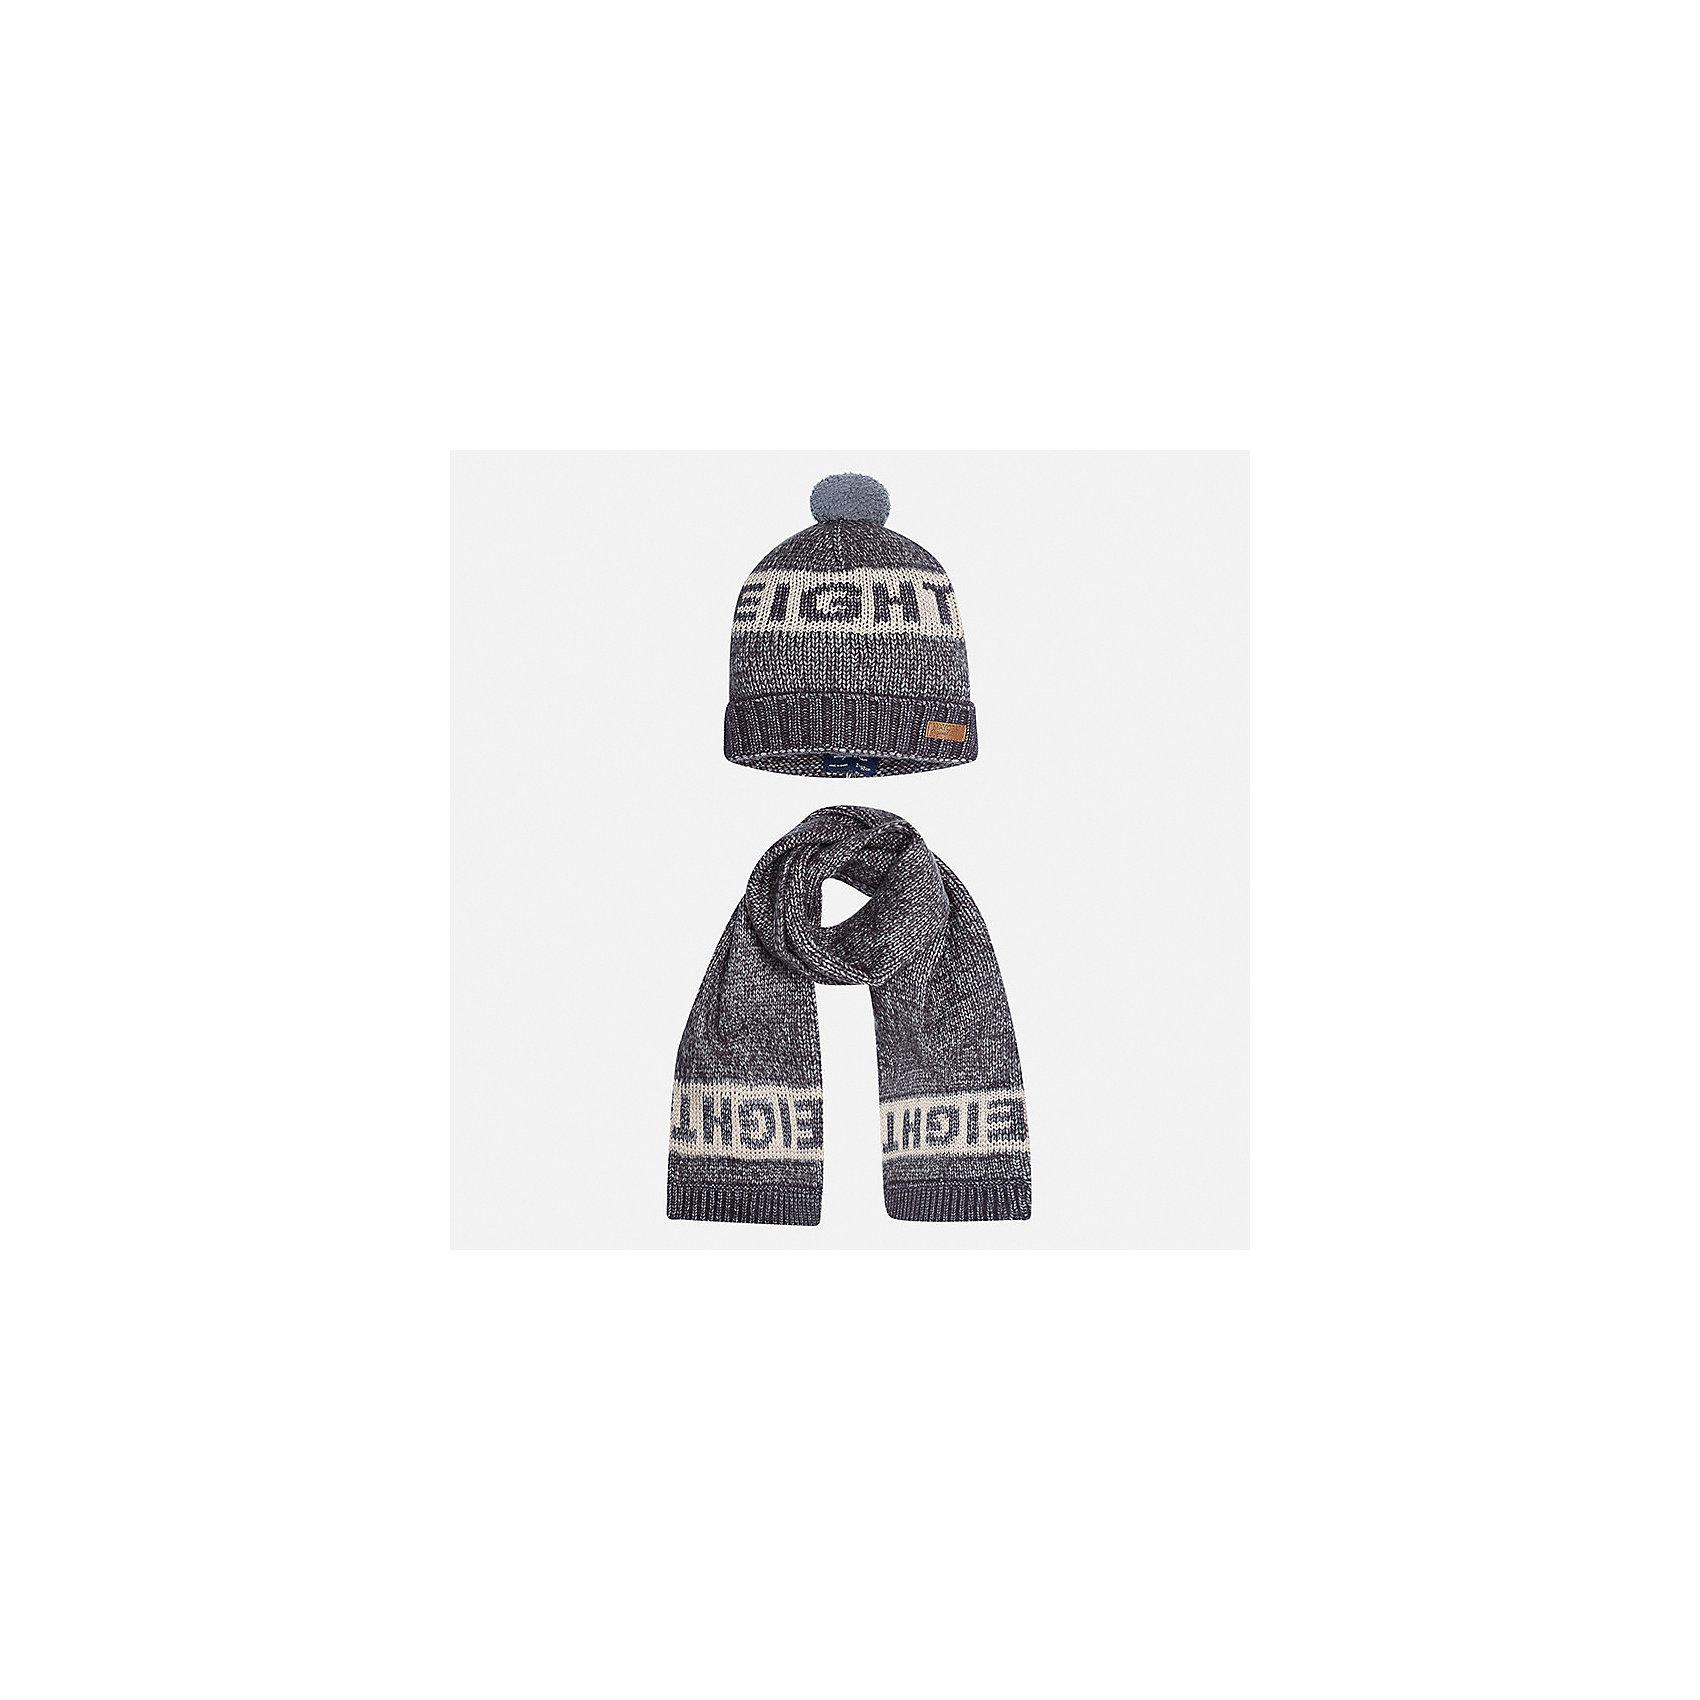 Комплект: шапка и шарф для мальчика MayoralГоловные уборы<br>Характеристики товара:<br><br>• цвет: серый<br>• состав ткани: 57% акрил, 47% полиамид<br>• сезон: демисезон<br>• комплектация: шапка, шарф<br>• страна бренда: Испания<br>• страна изготовитель: Индия<br><br>Шапка и шарф от испанской компании Mayoral отличаются оригинальным и стильным дизайном. Качество продукции неизменно очень высокое. Этот стильный набор из шапки и шарфа поможет обеспечить ребенку тепло и комфорт. Детский демисезонный комплект от бренда Майорал смотрится модно и оригинально. <br><br>Комплект: шапка и шарф для мальчика Mayoral (Майорал) можно купить в нашем интернет-магазине.<br><br>Ширина мм: 89<br>Глубина мм: 117<br>Высота мм: 44<br>Вес г: 155<br>Цвет: серый<br>Возраст от месяцев: 72<br>Возраст до месяцев: 84<br>Пол: Мужской<br>Возраст: Детский<br>Размер: 54,50,52<br>SKU: 6939260